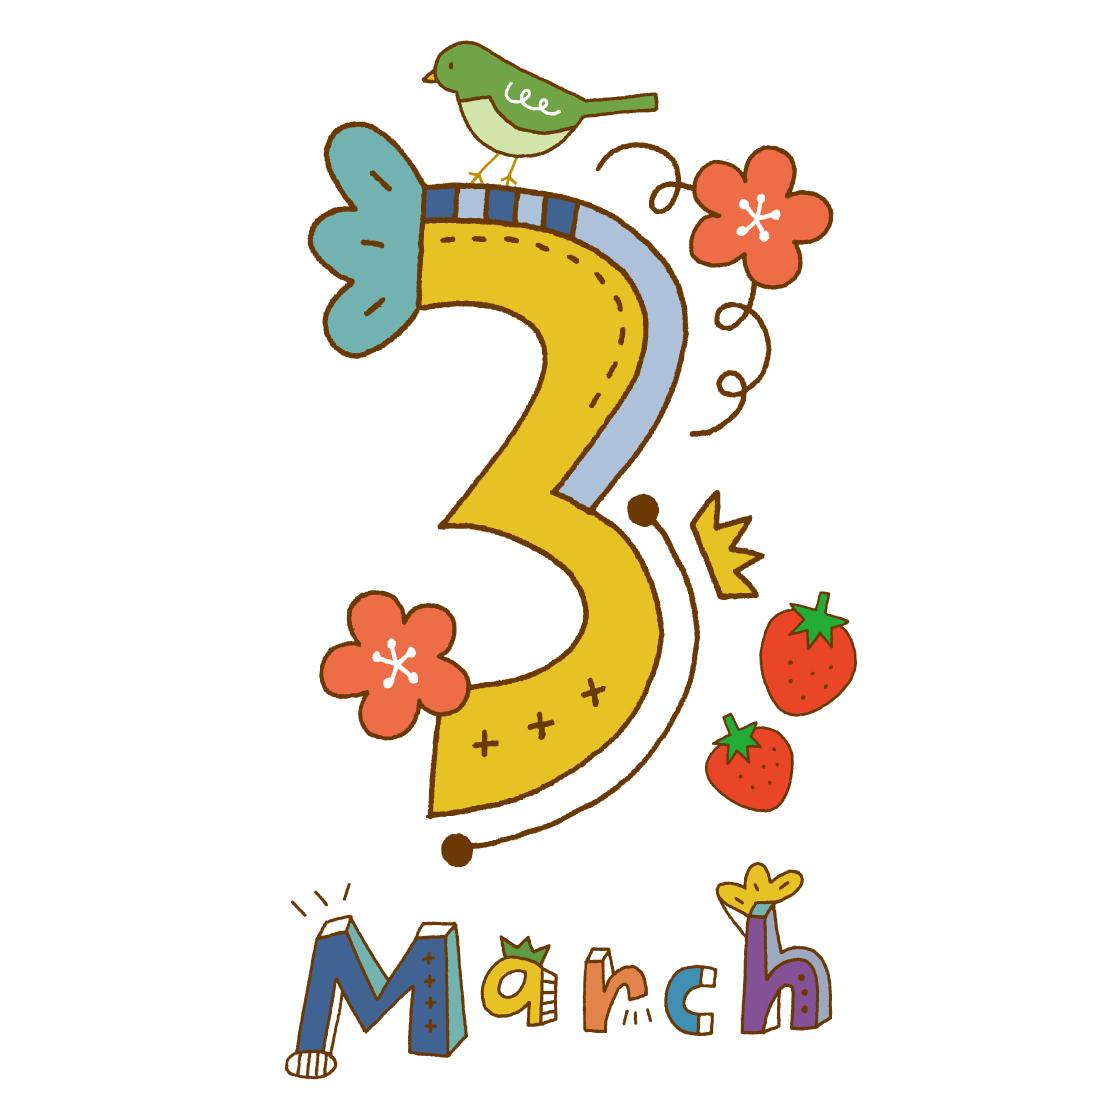 す・またん! 3月のイラスト_d0225610_16361314.jpg